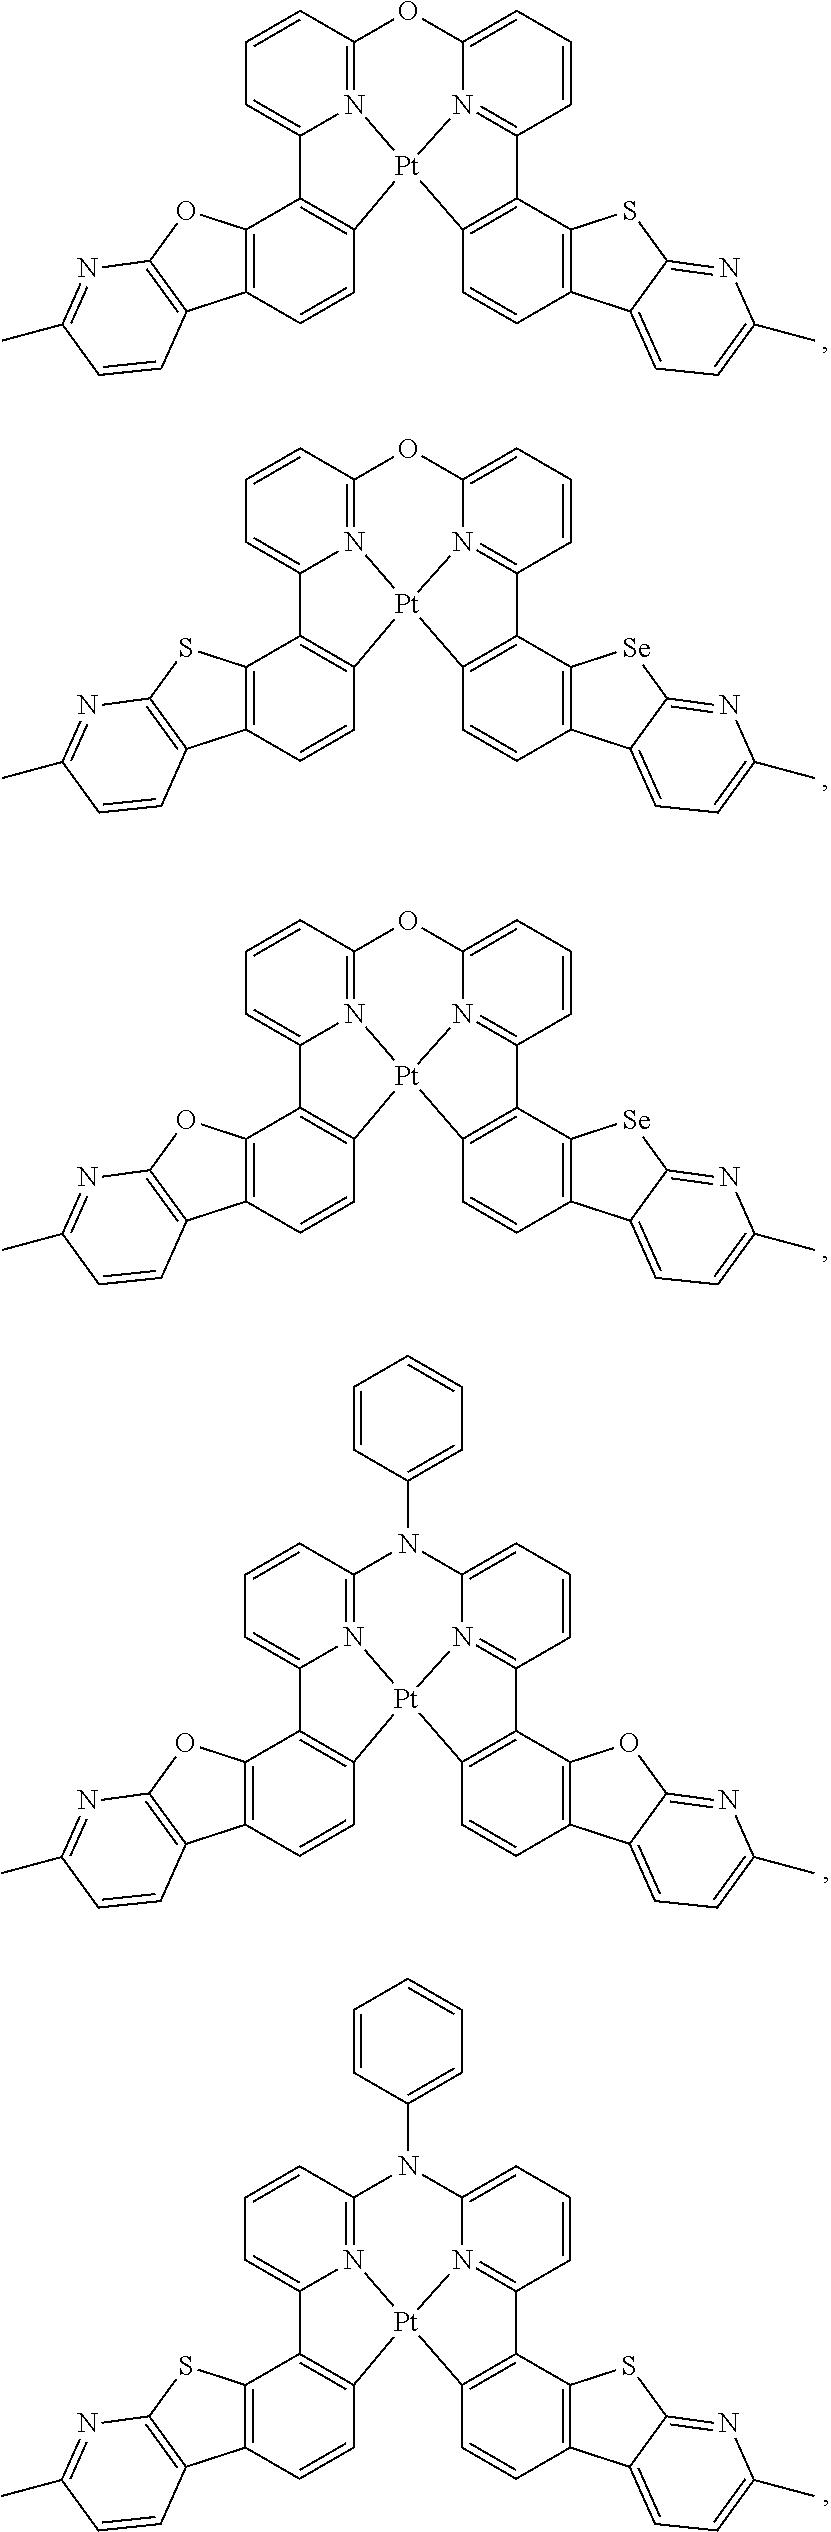 Figure US09871214-20180116-C00276